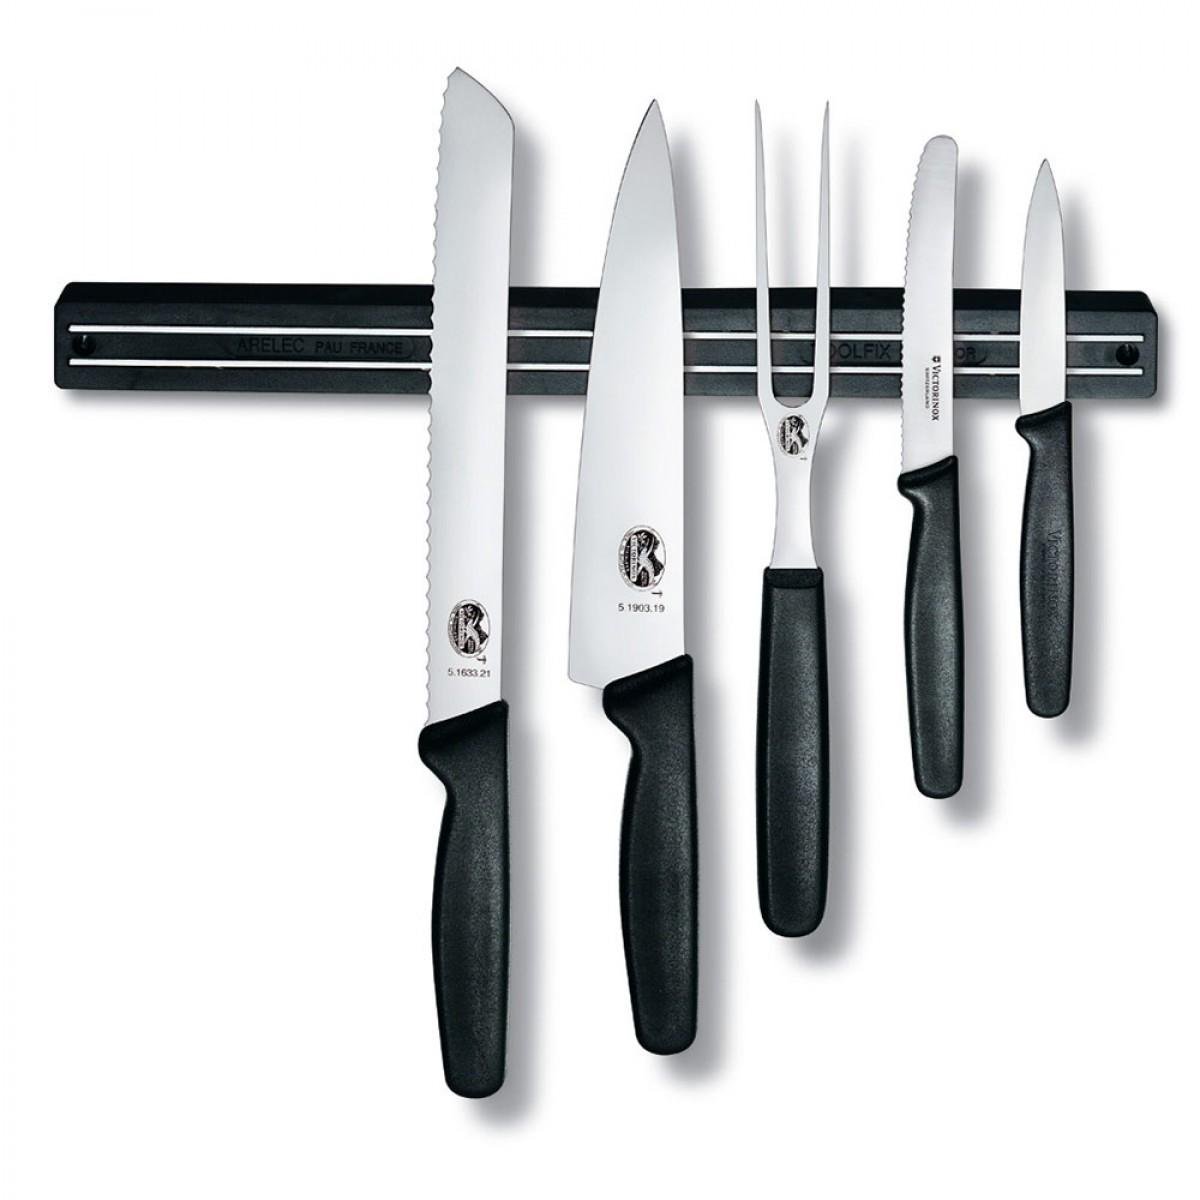 Barra magn tica para cuchillos major 35 cm de largo 3 - Barra iman para cuchillos ...